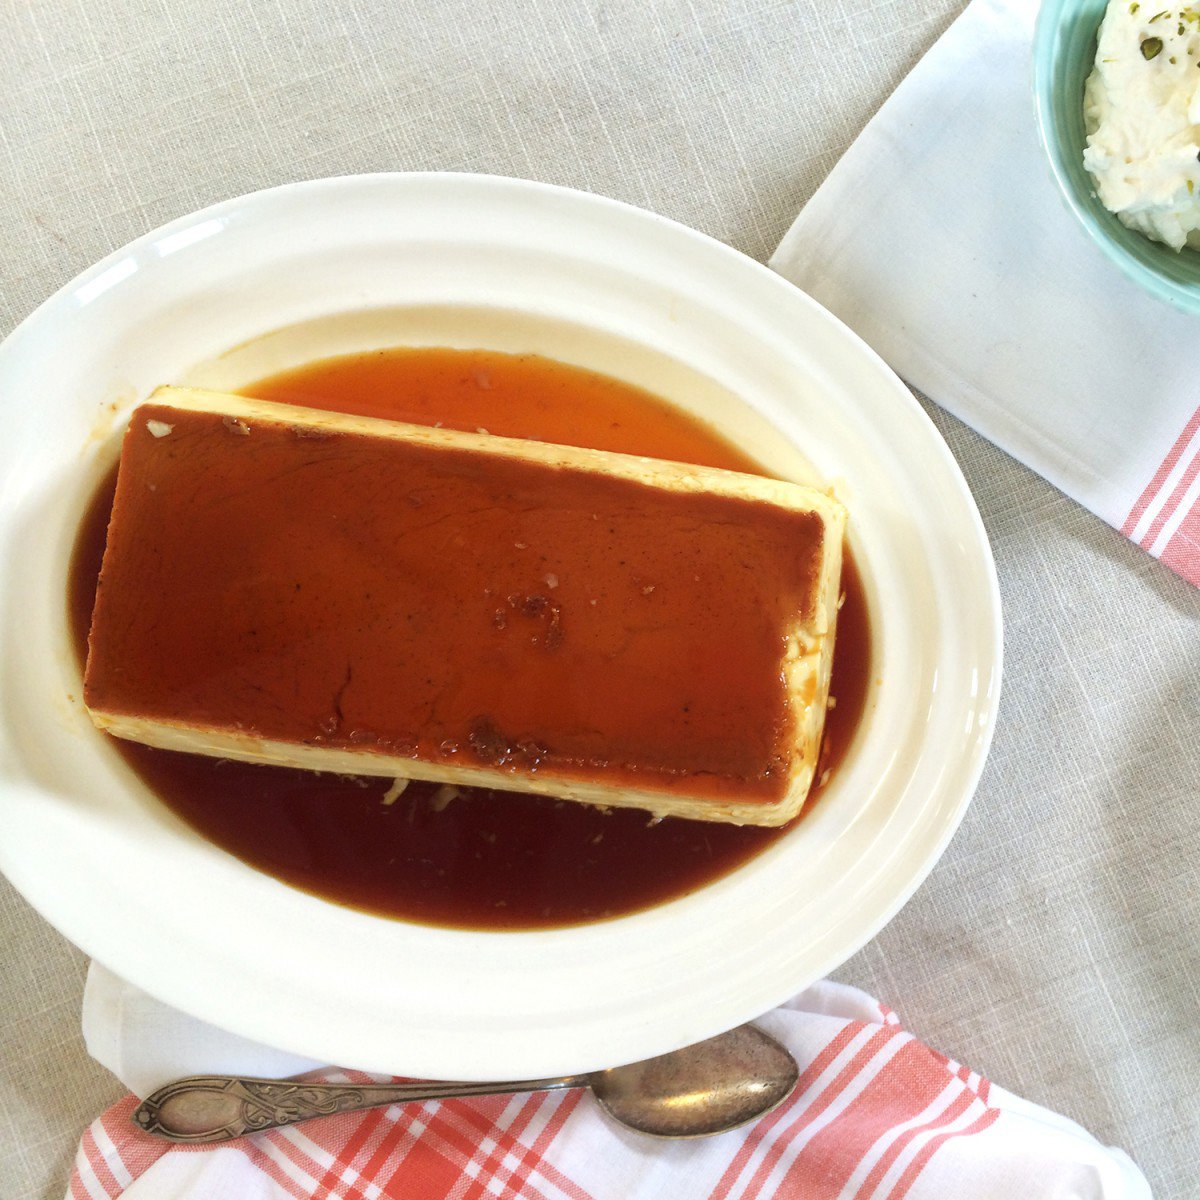 Lag karamellpudding i dampovn!